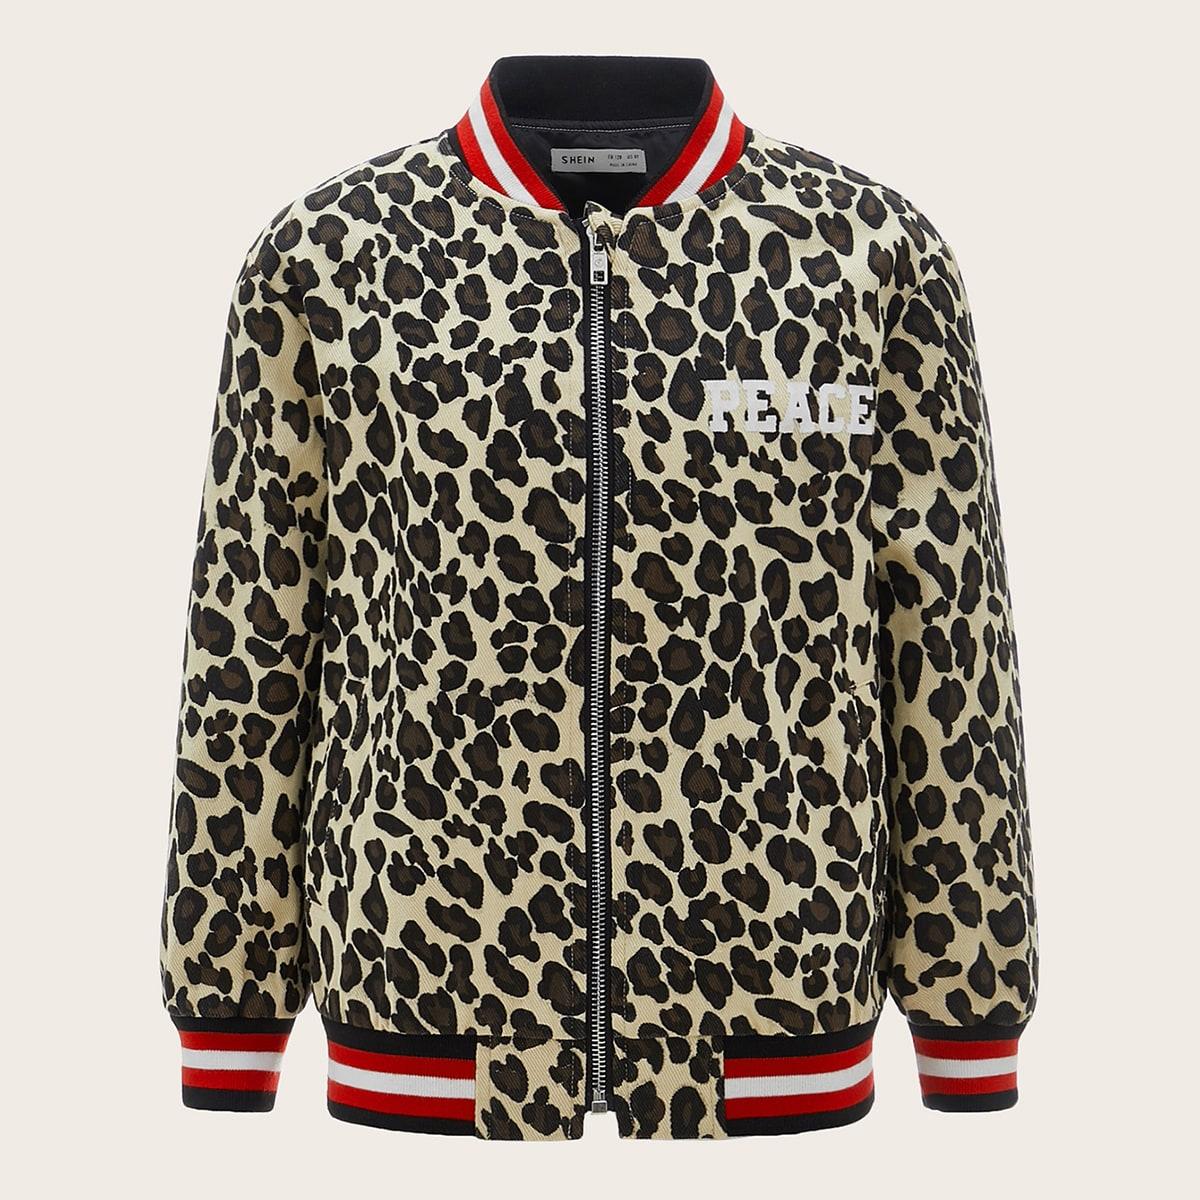 Куртка бомбер с леопардовым принтом для мальчиков от SHEIN